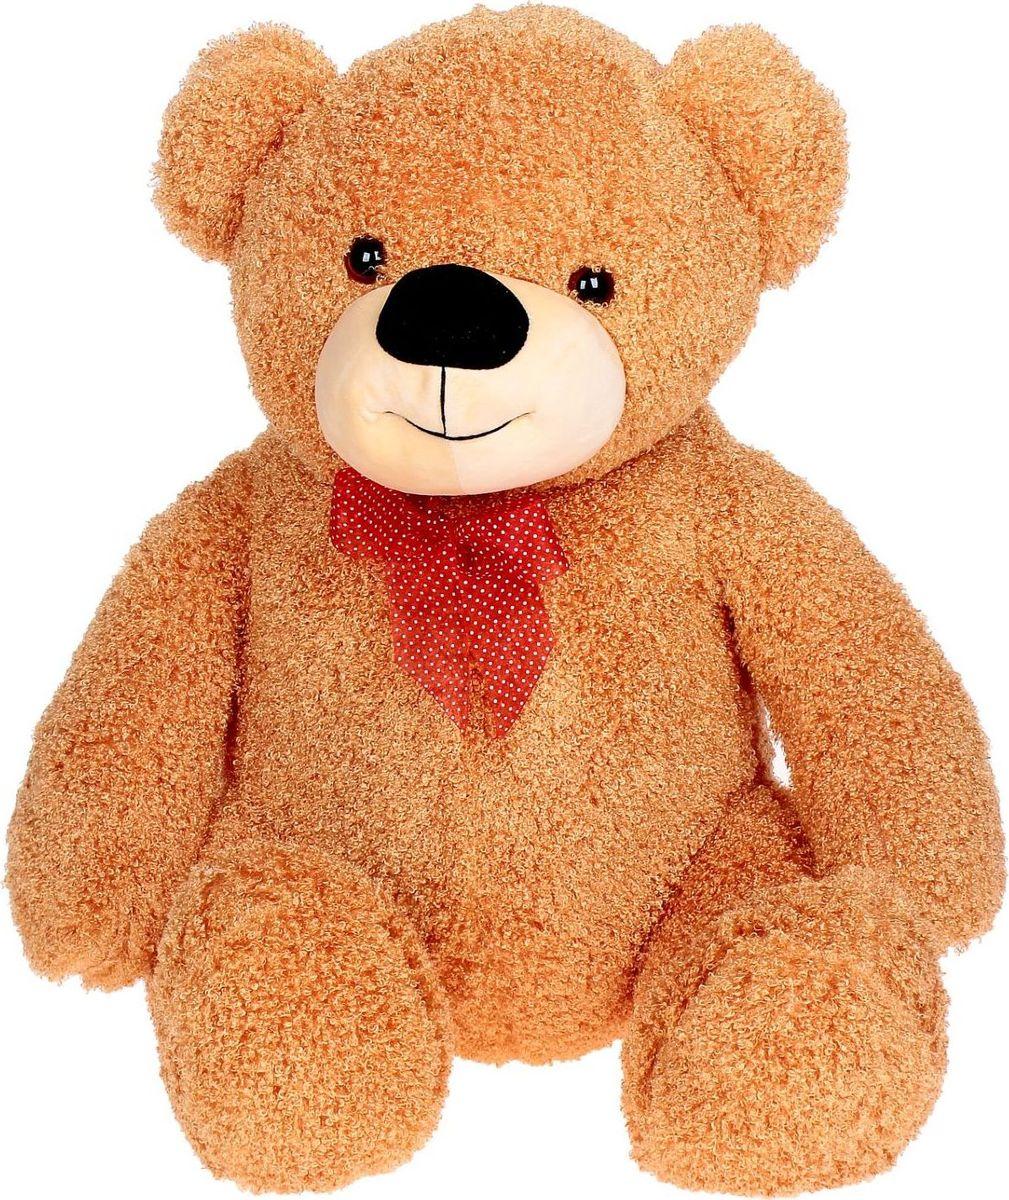 Sima-land Мягкая игрушка Медведь кудрявый цвет светло-коричневый 80 см sima land мягкая игрушка собака пятнашка 80 см